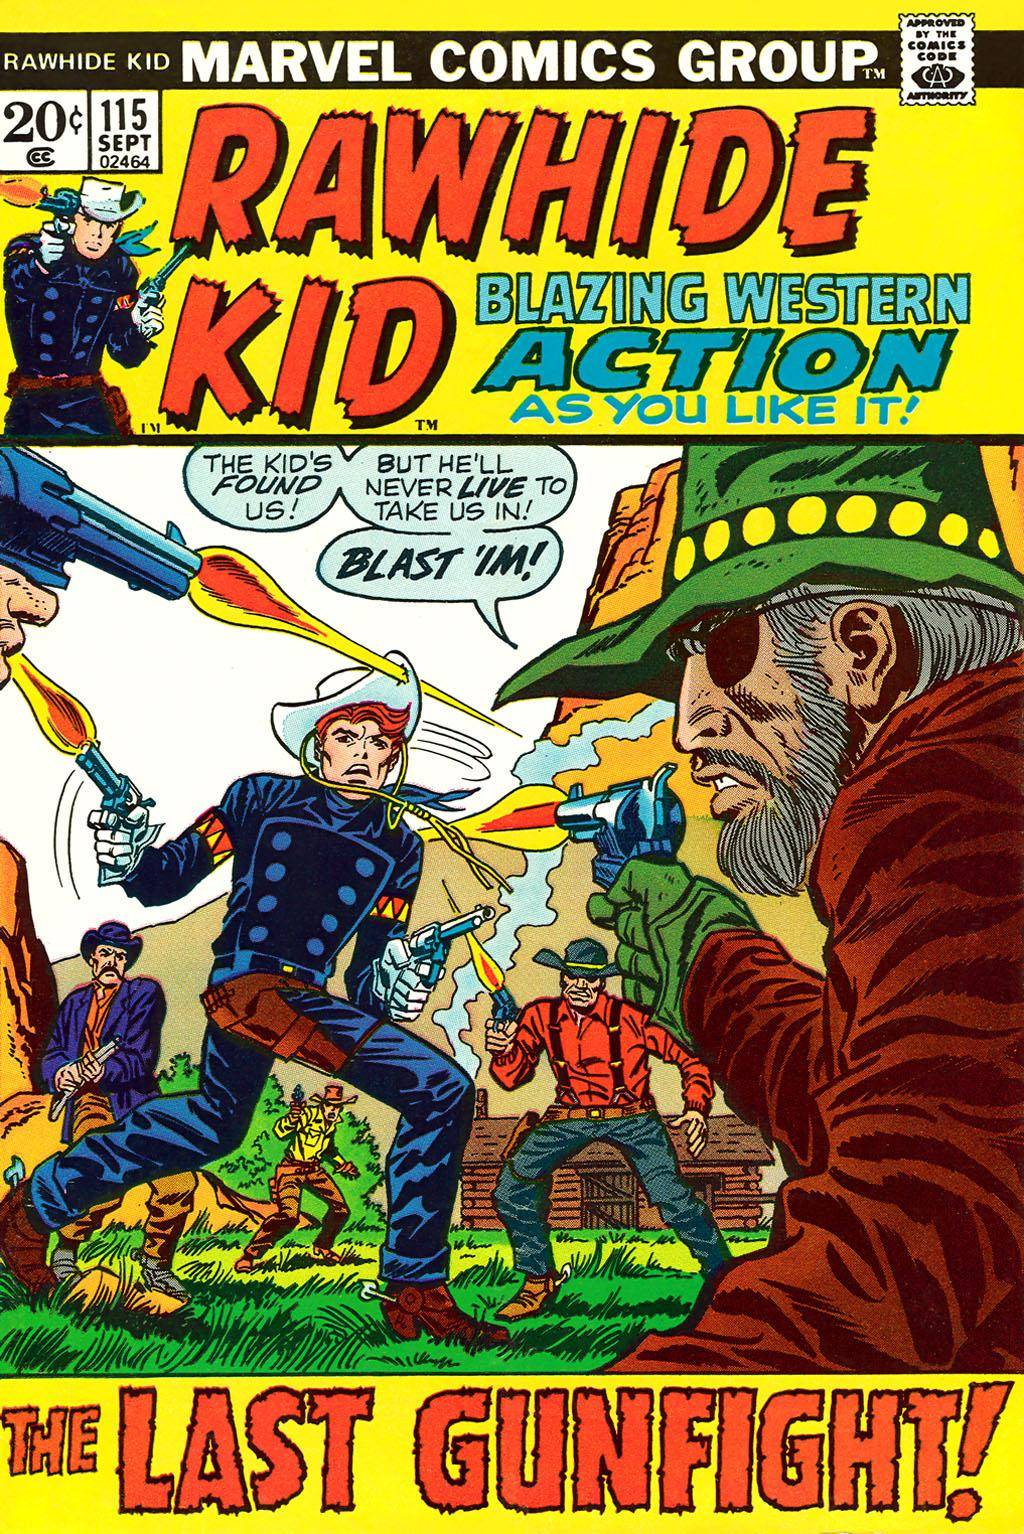 Rawhide Kid v1 115 1973 brigus